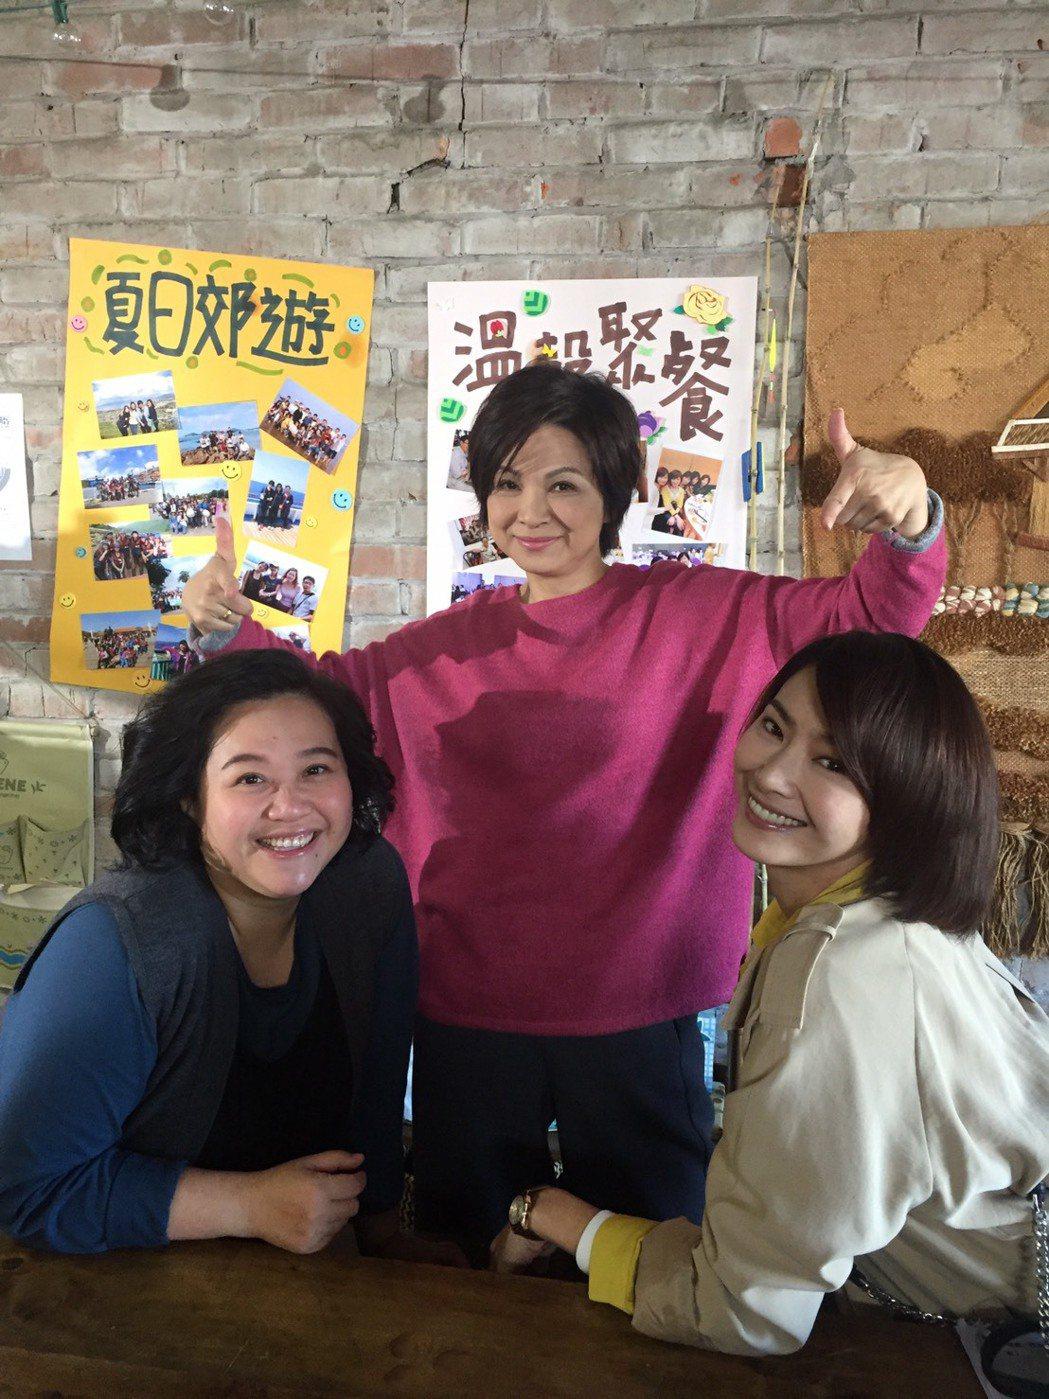 鍾欣凌(左起)楊貴媚和侯怡君。圖/民視提供